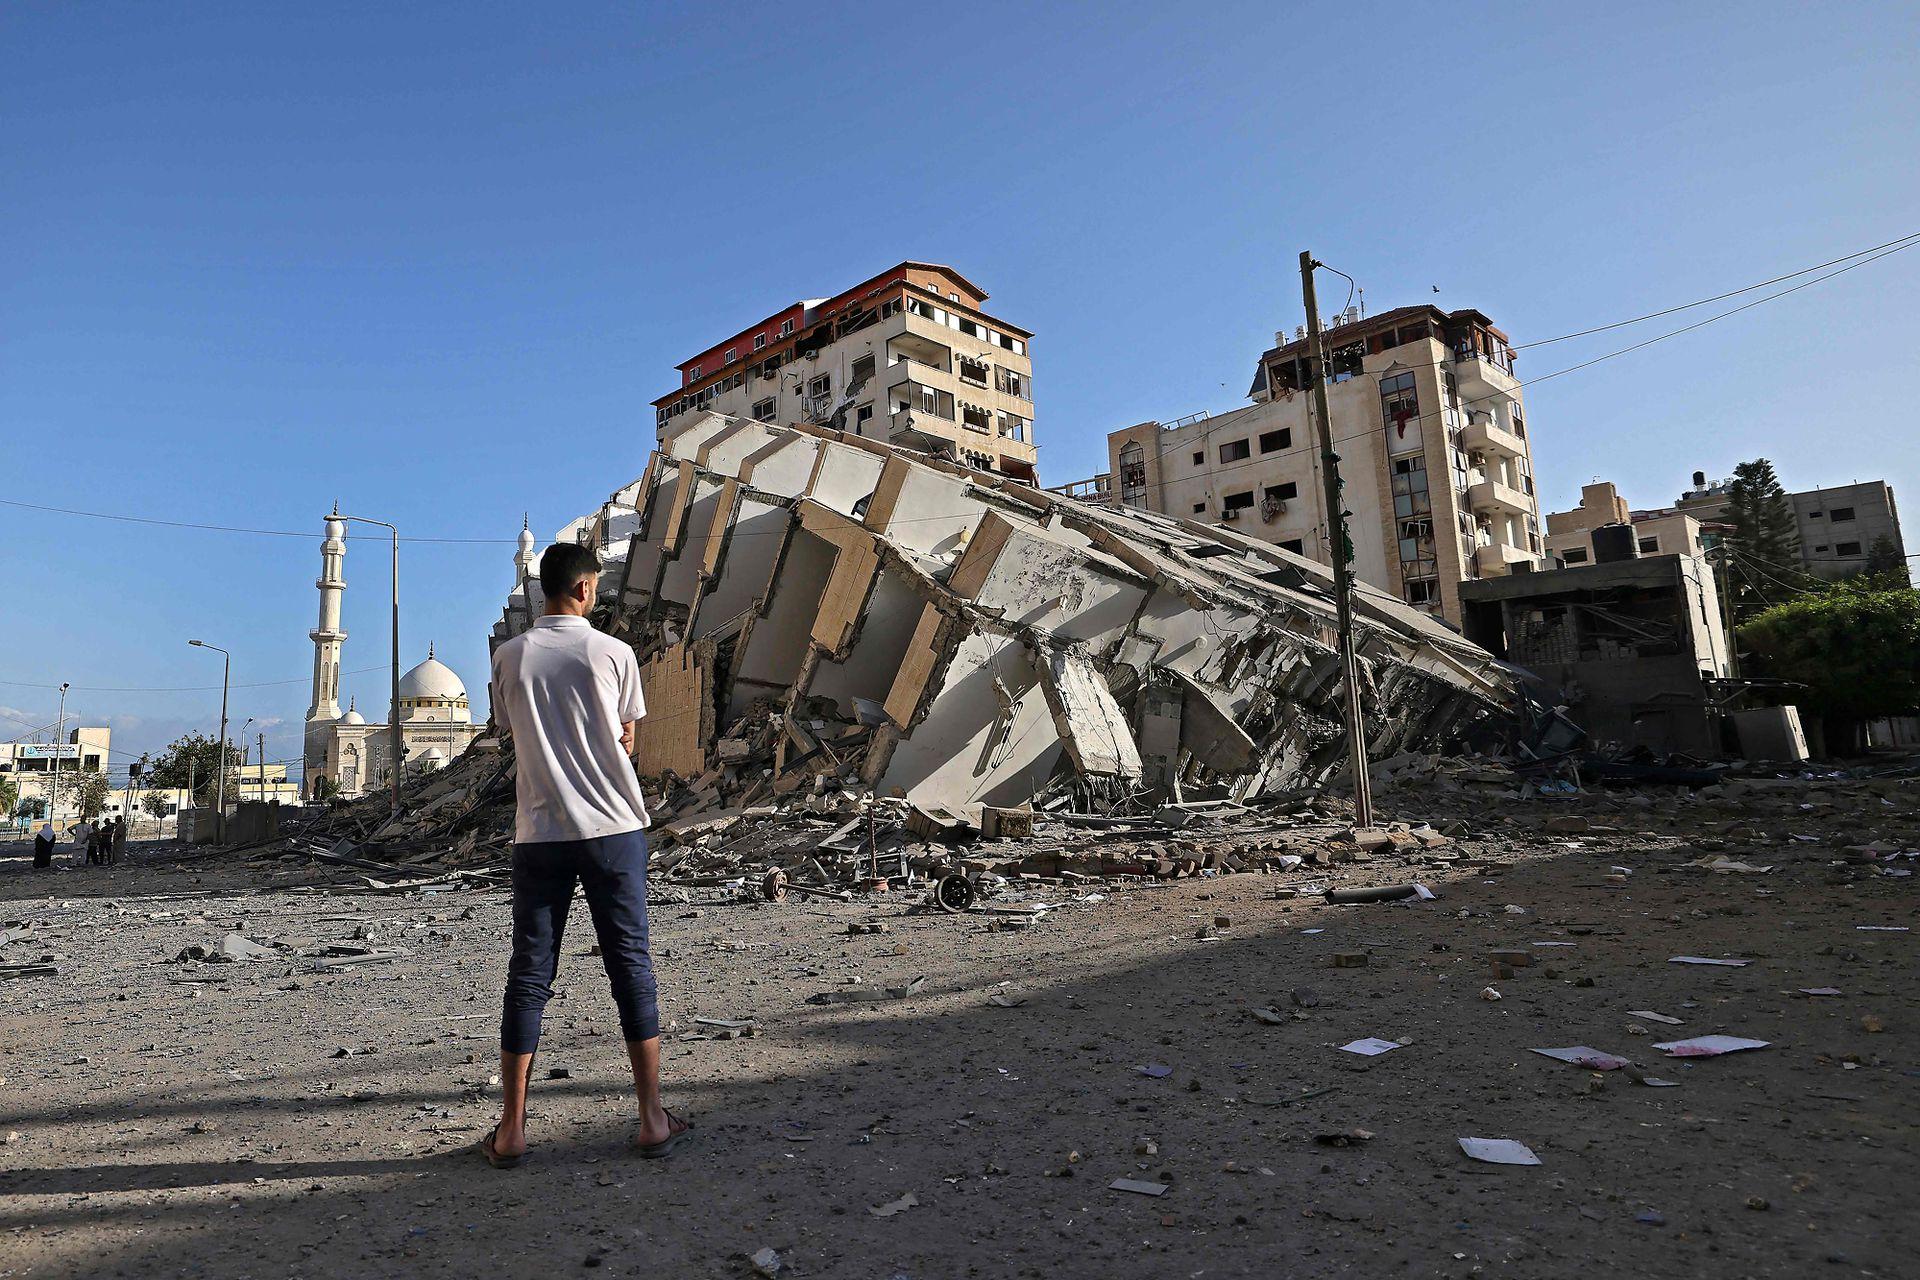 Un edificio destruido en la ciudad de Gaza, luego de una serie de ataques aéreos israelíes en la Franja de Gaza controlada por Hamas